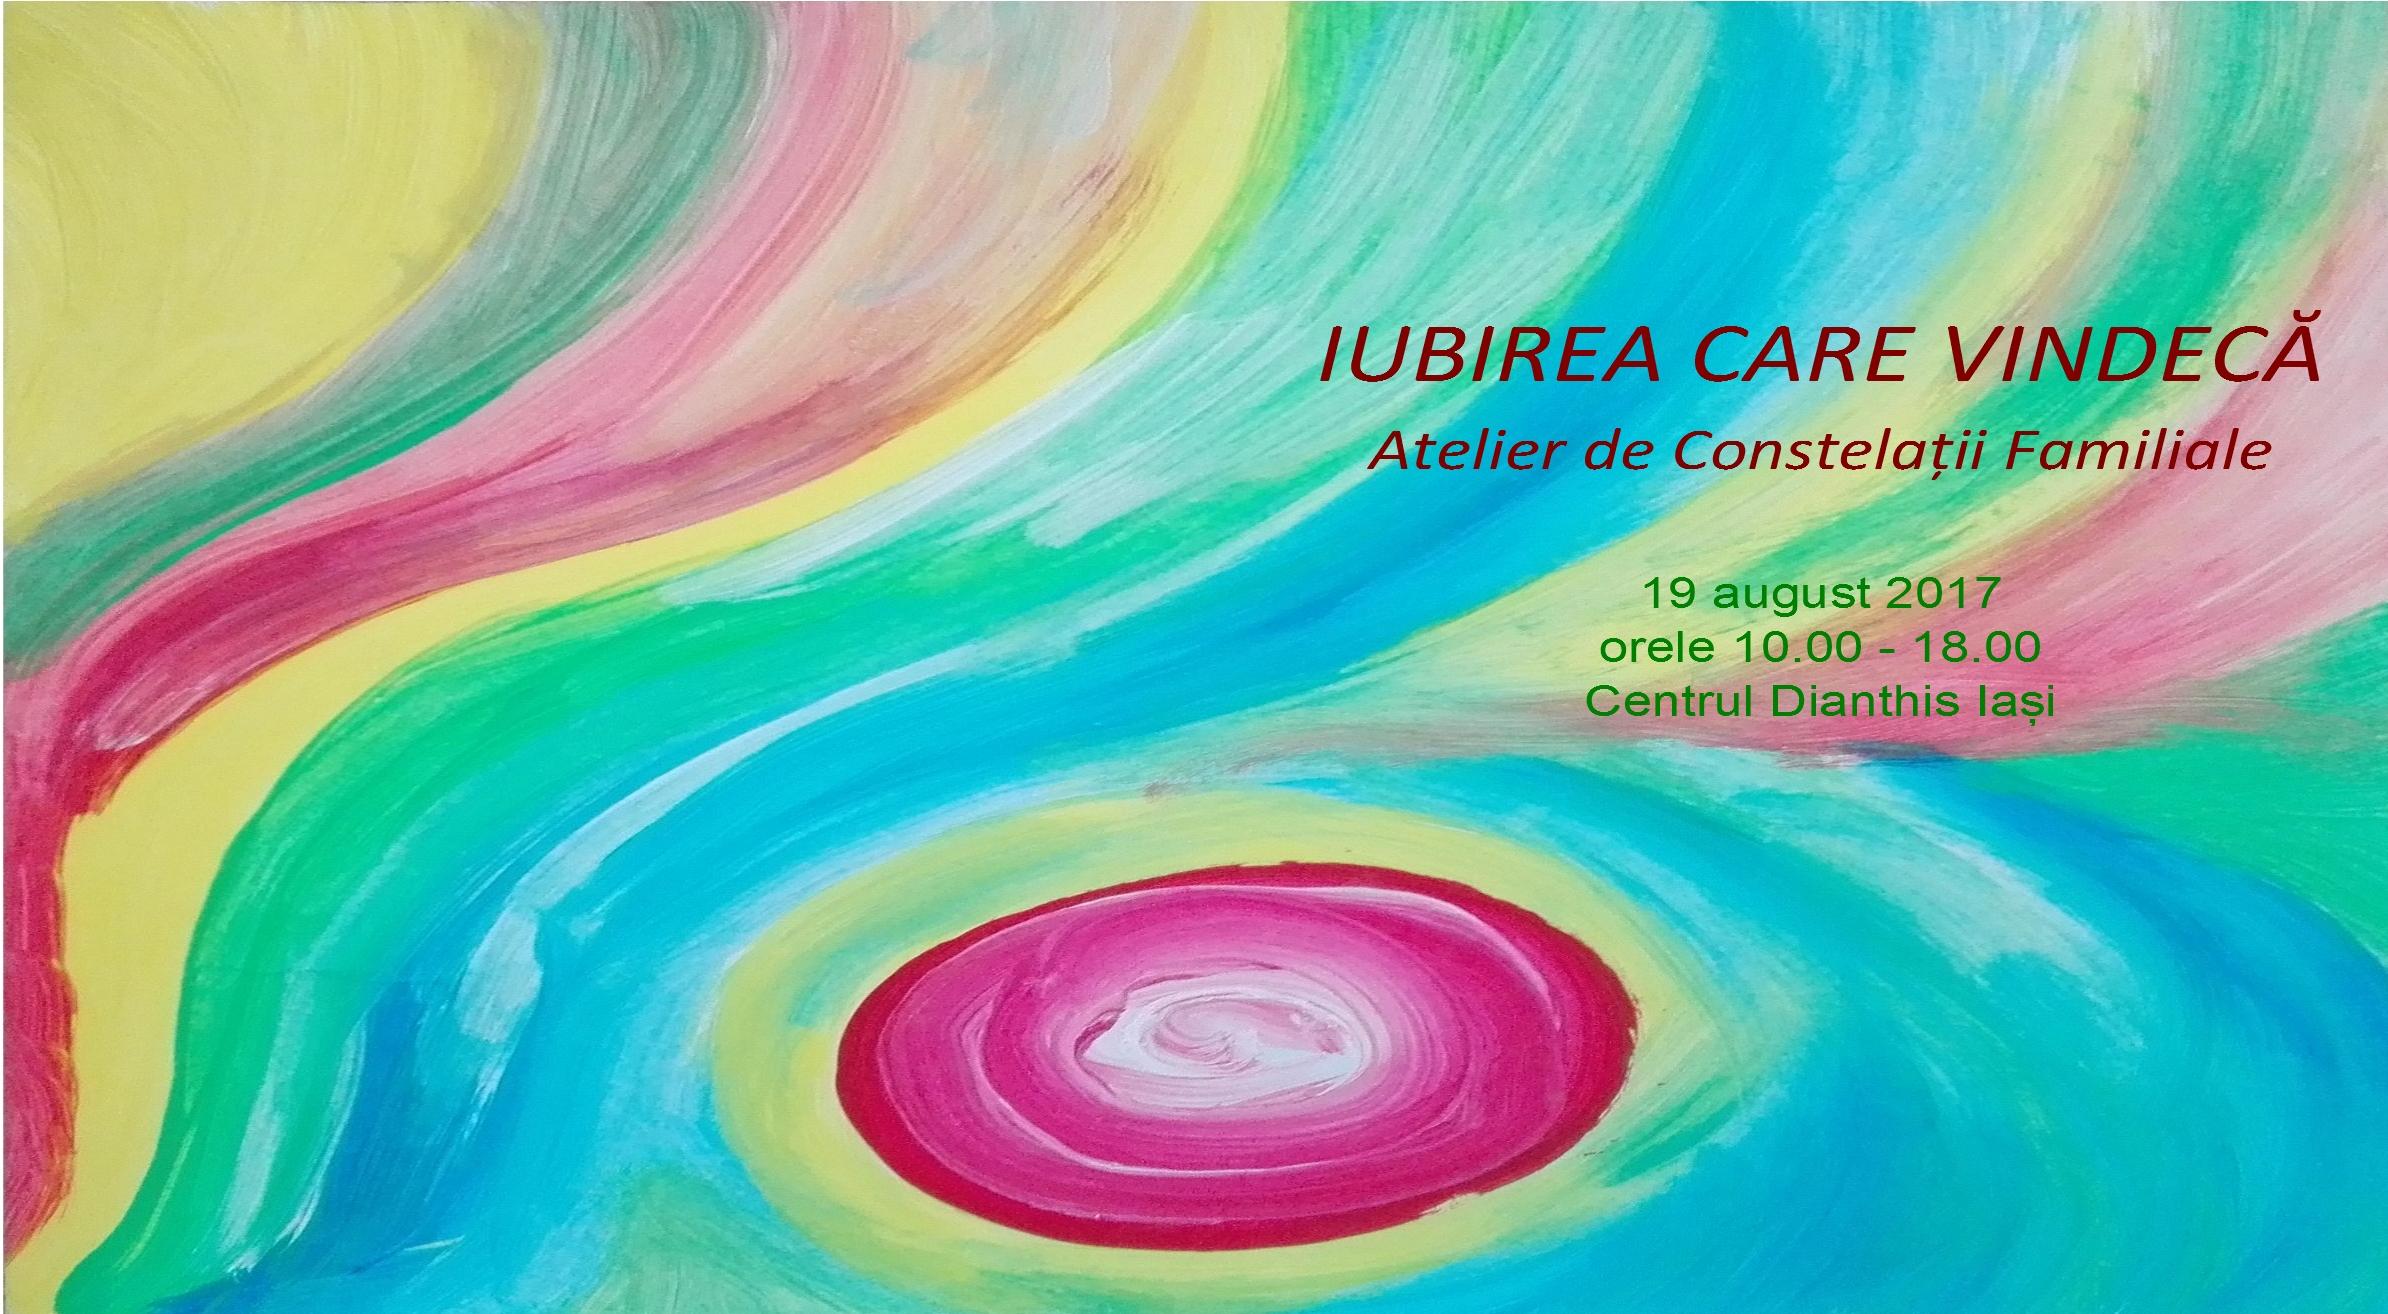 IUBIREA CARE VINDECA - Atelier de Constelatii Familiale